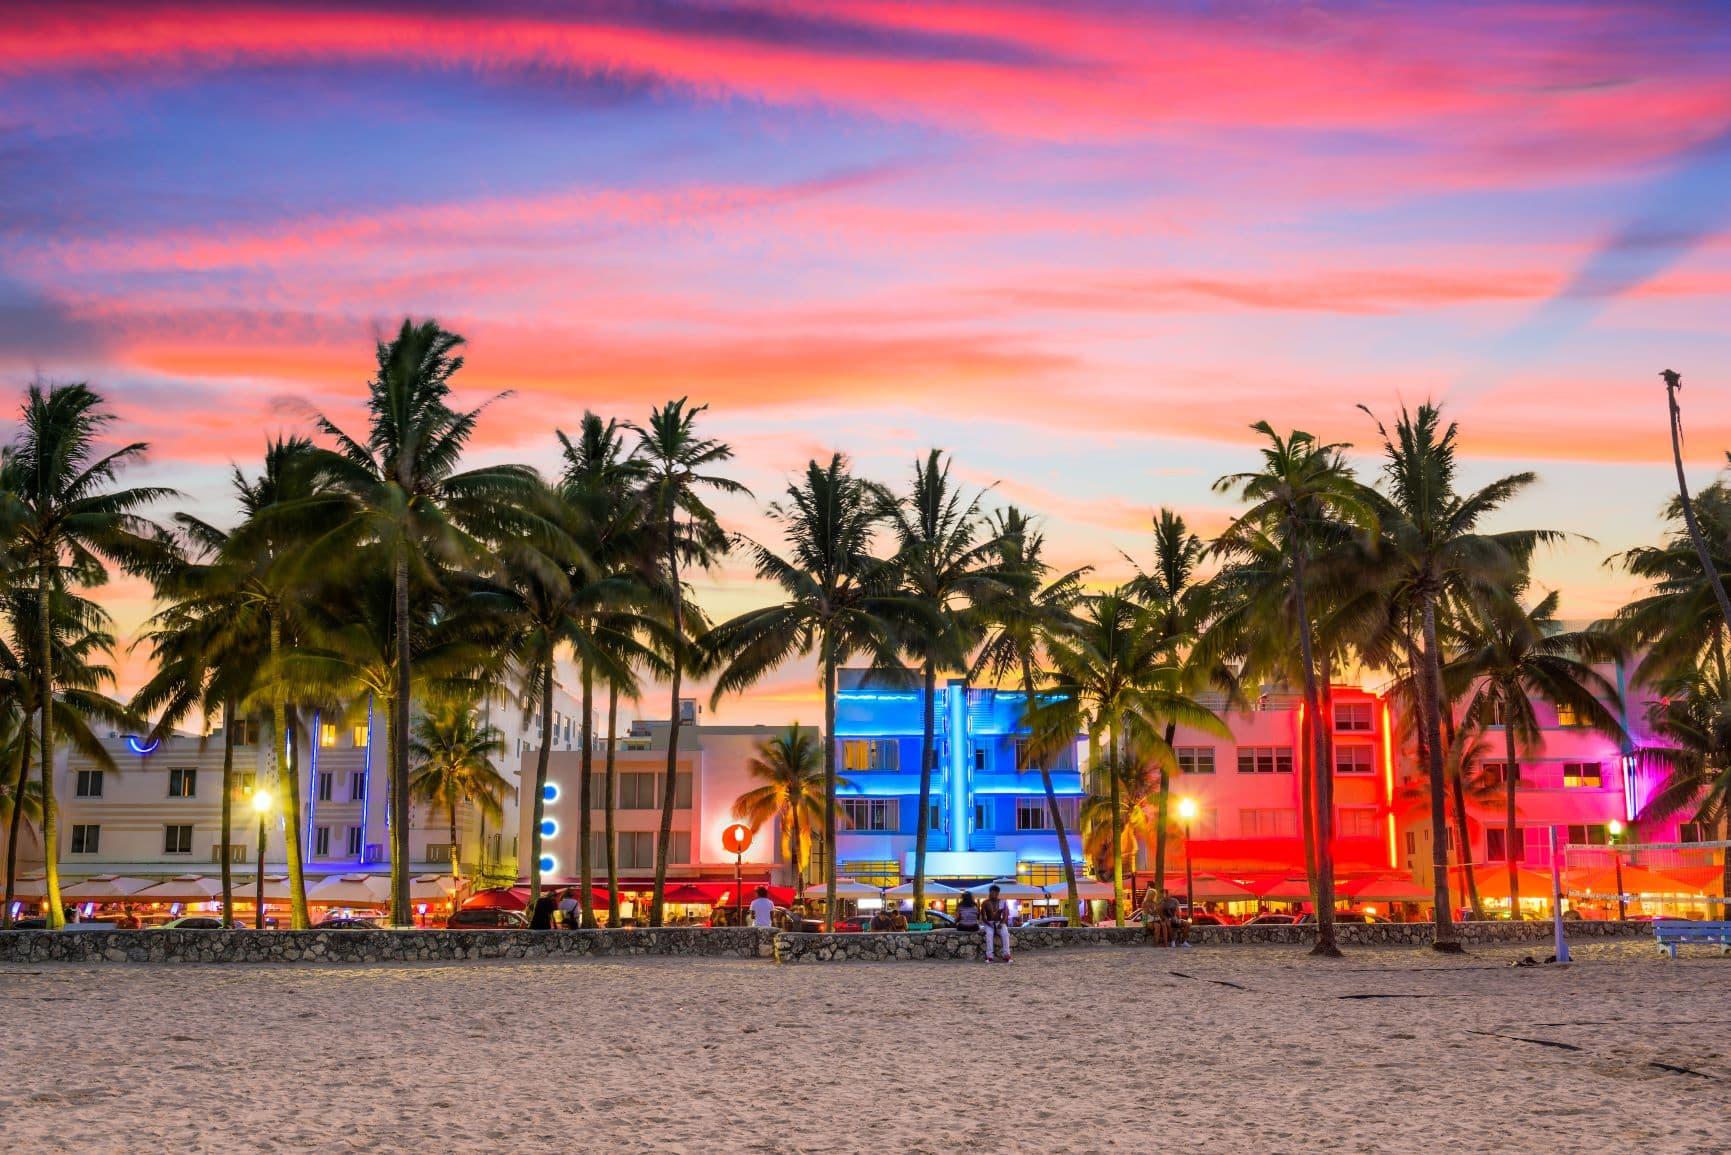 Sehenswürdigkeiten: Was man in Miami gesehen haben sollte